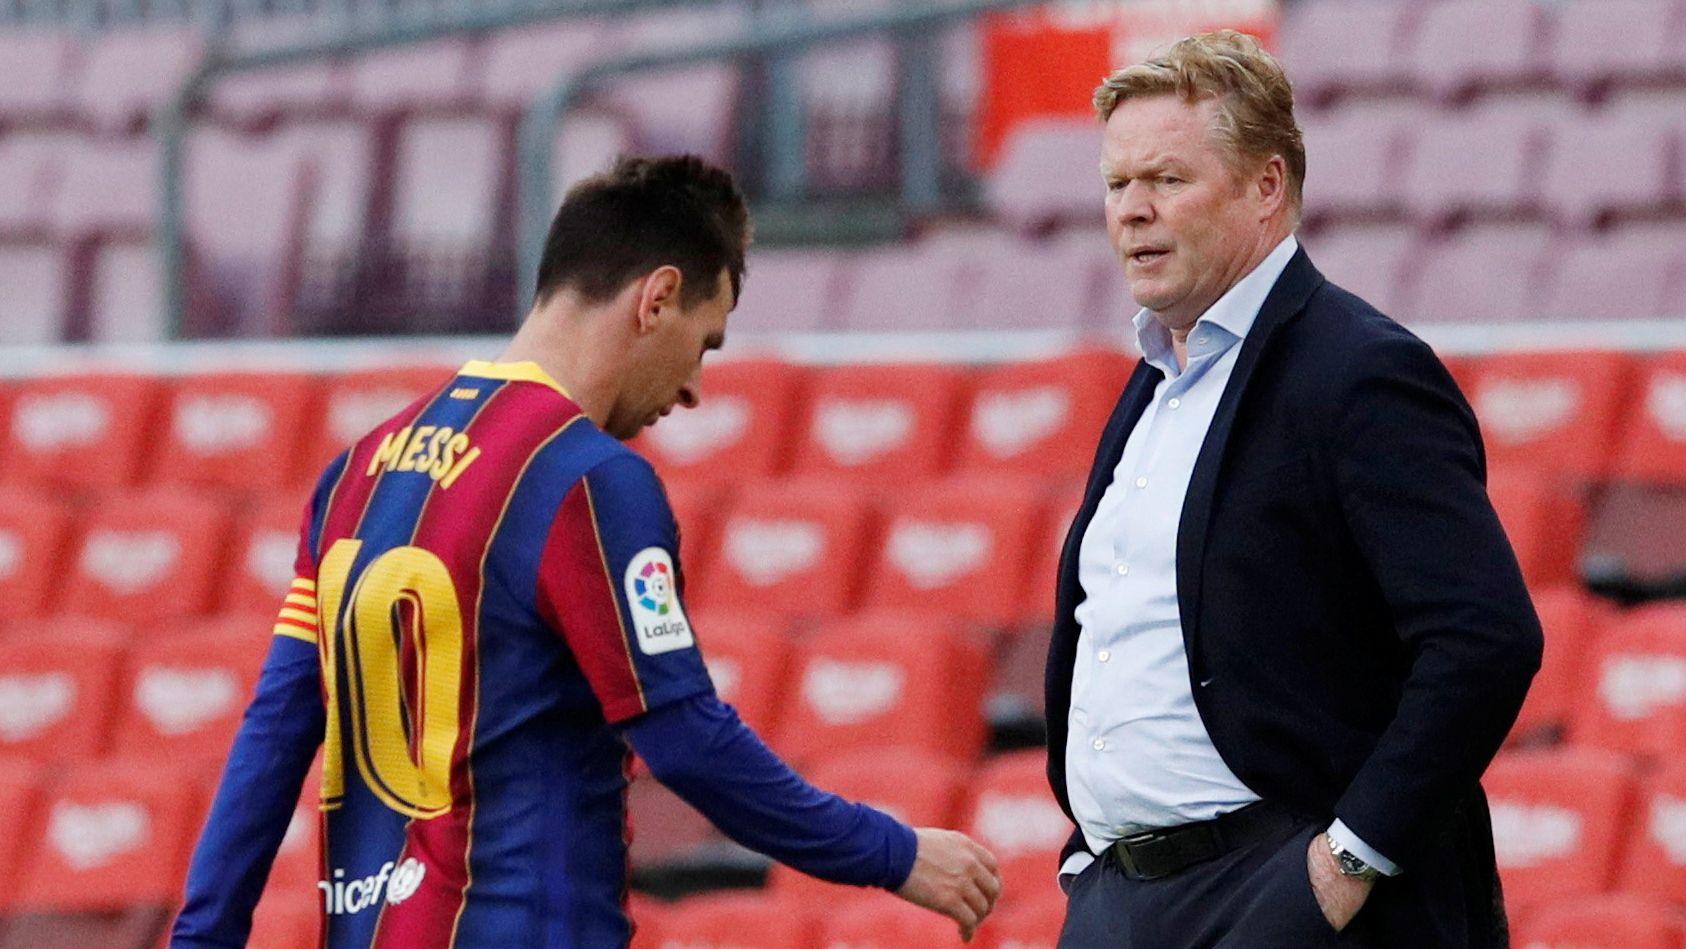 Koeman aseguró que el peor momento desde su llegada a Barcelona fue la salida de Messi (REUTERS/Albert Gea)